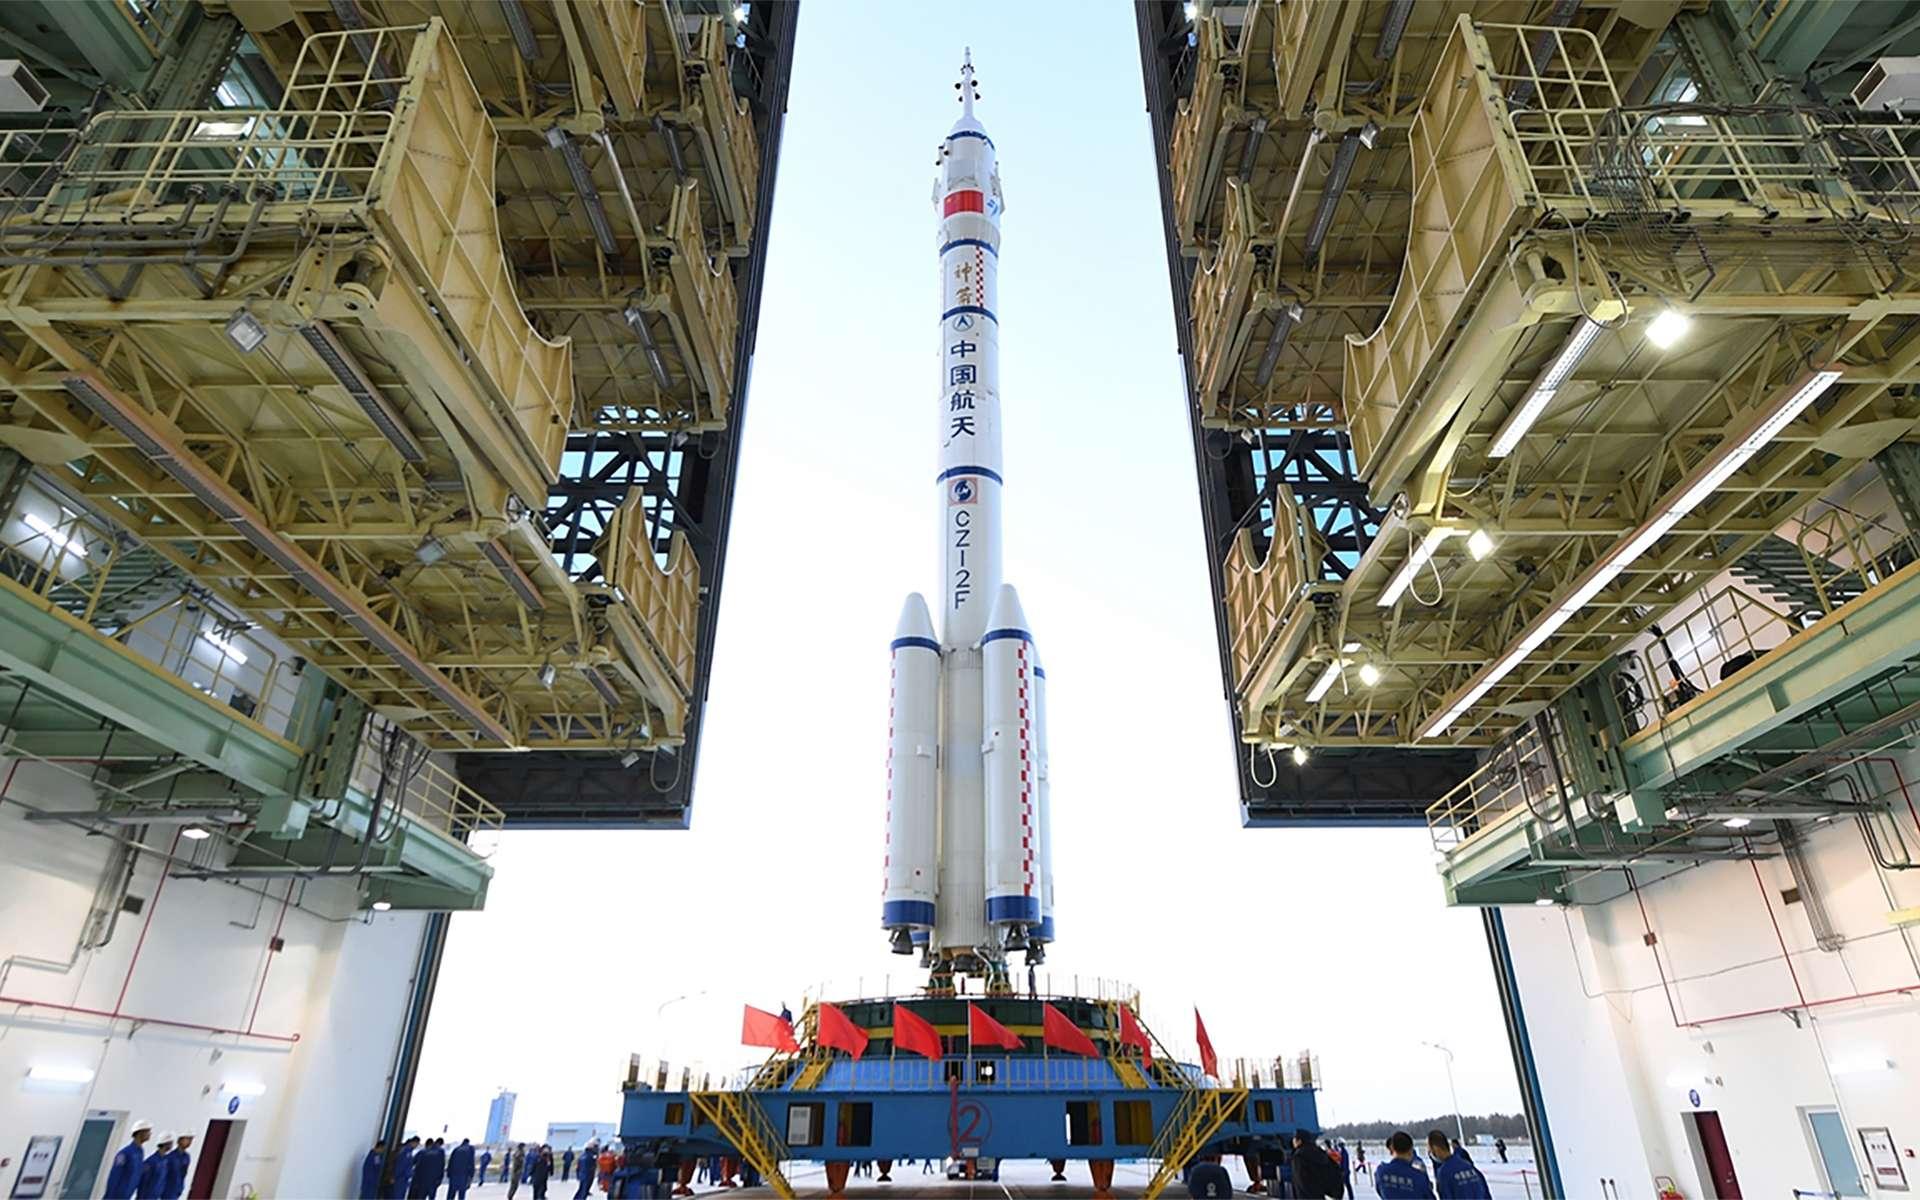 Transfert du lanceur Long March 2F et de Shenzhou 13 sur son pas de tir. © CMSA